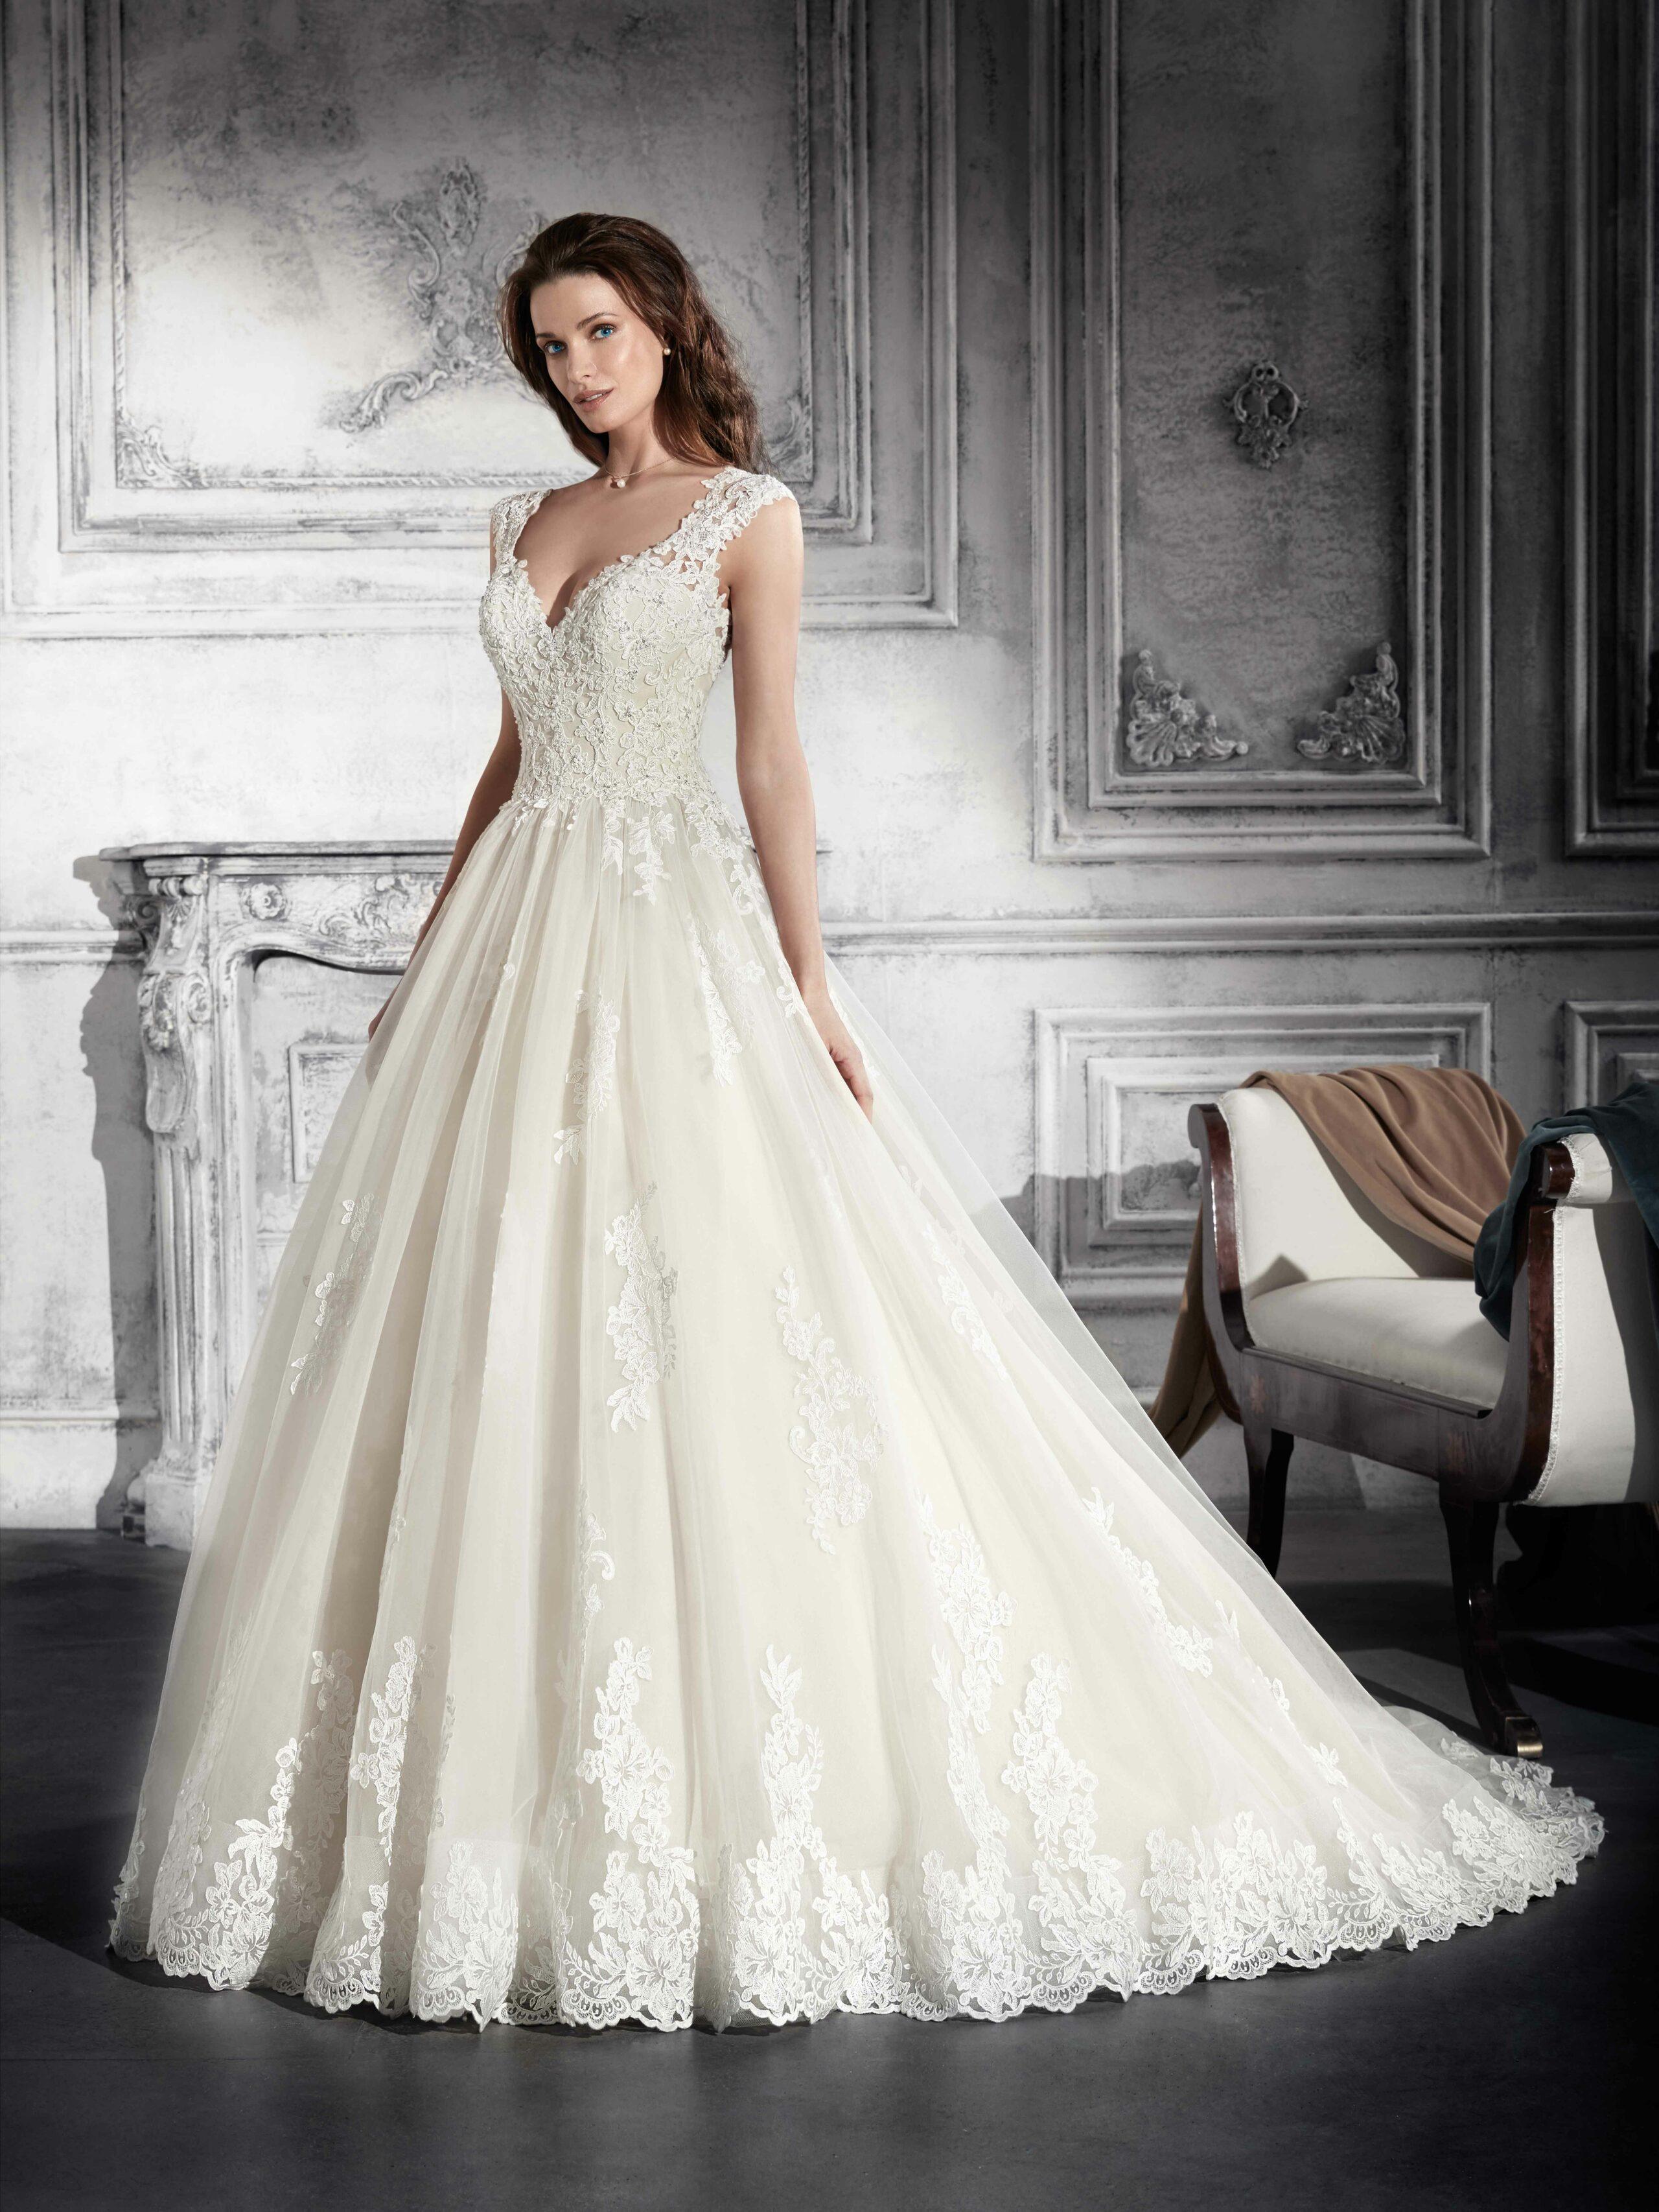 Lyne mariage cannes robes de mari e robes cocktail for Nettoyage de robe de mariage milwaukee